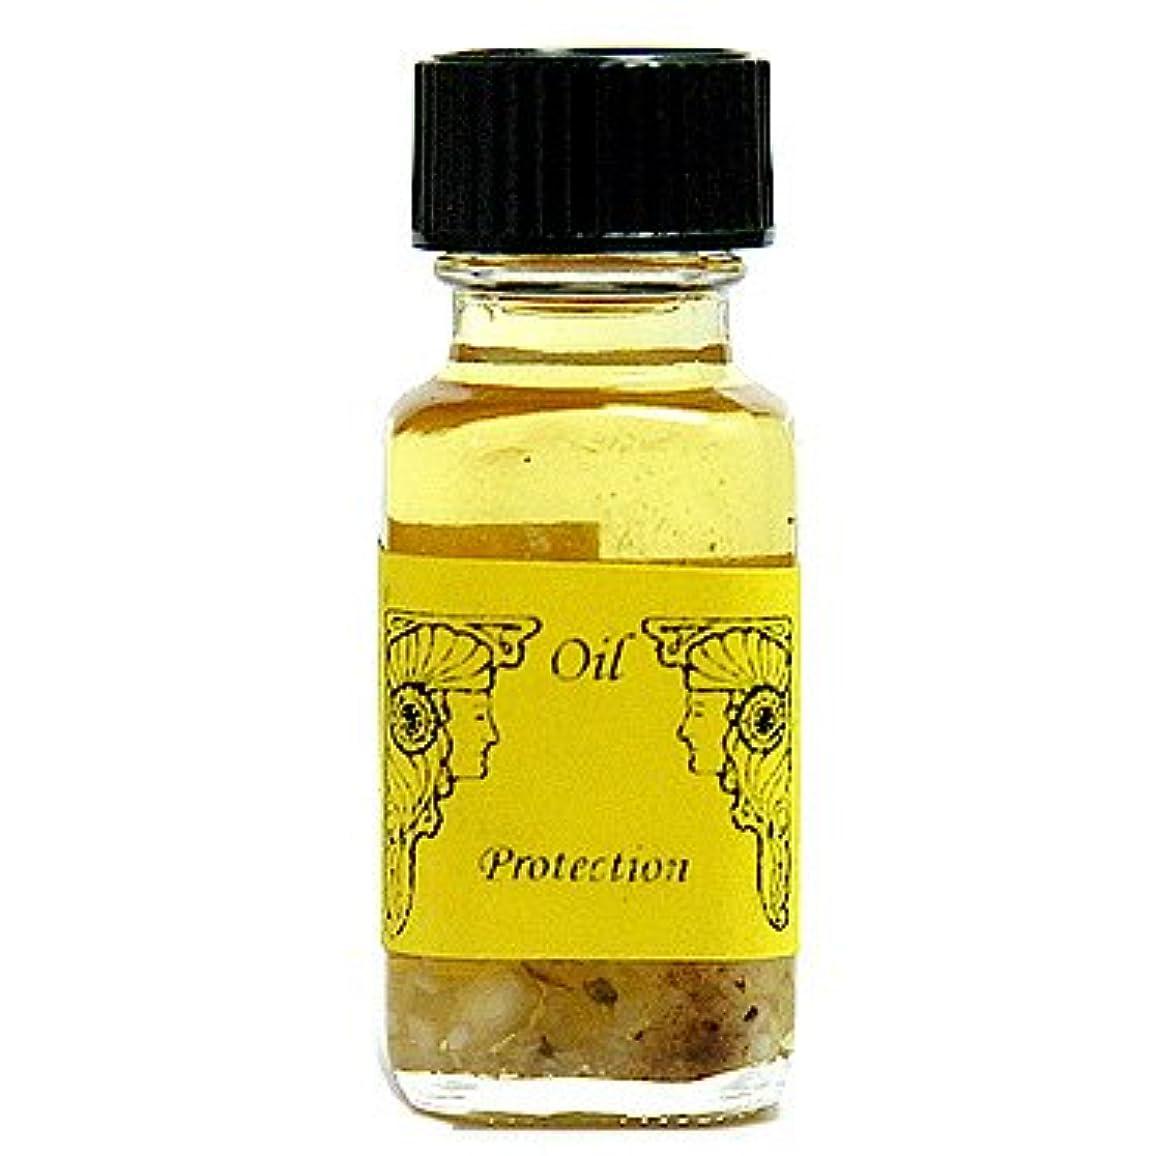 直立森穿孔するアンシェントメモリーオイル プロテクション (守護?厄よけ) 15ml (Ancient Memory Oils)